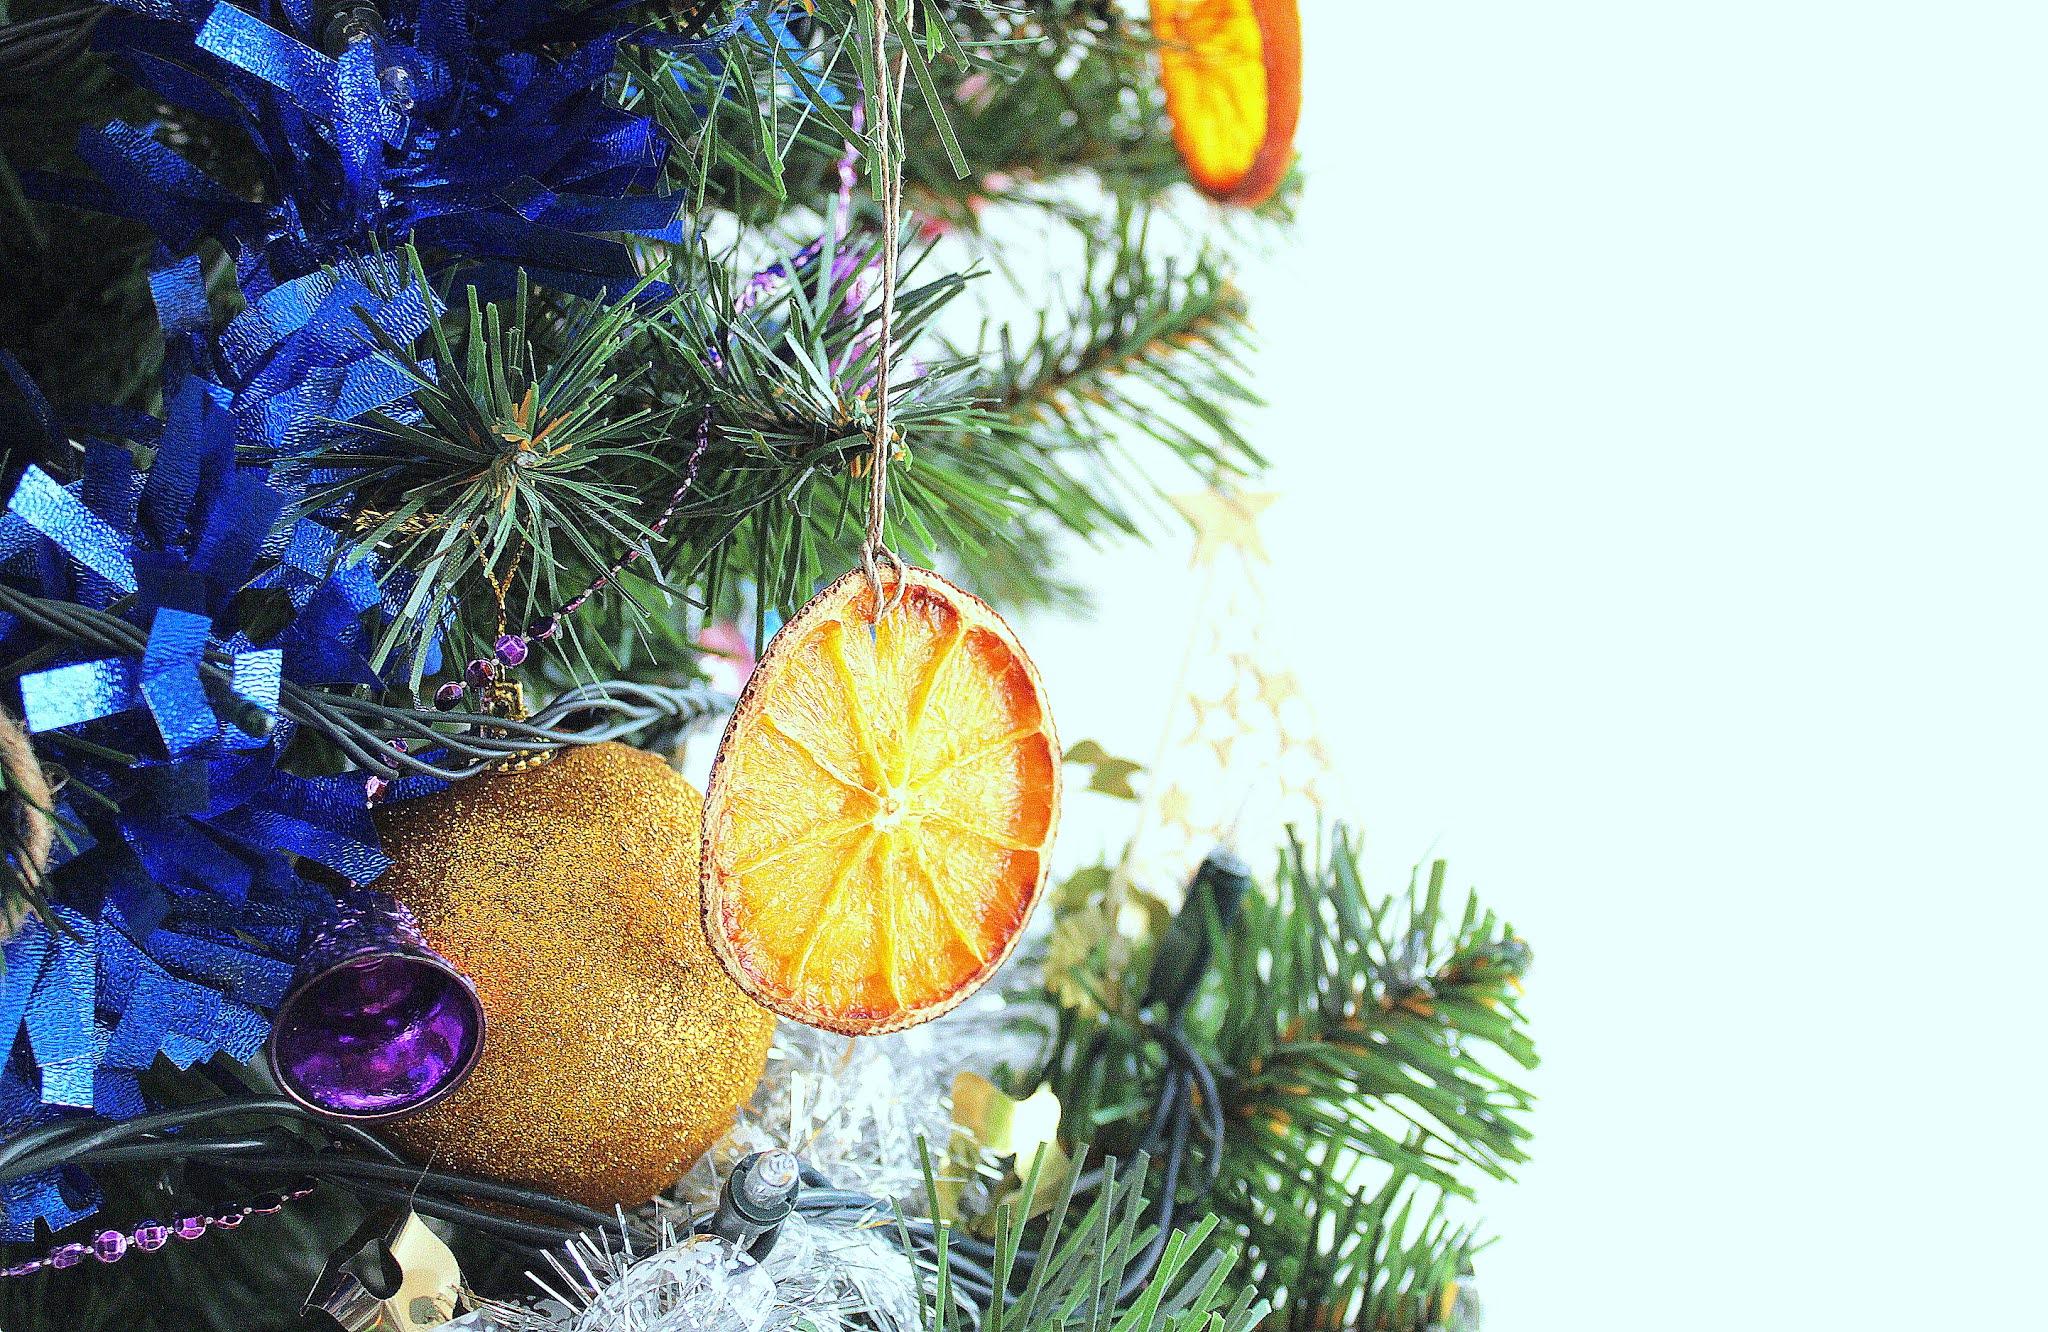 Suszone poimarańcze jako ozdoba choinkowa